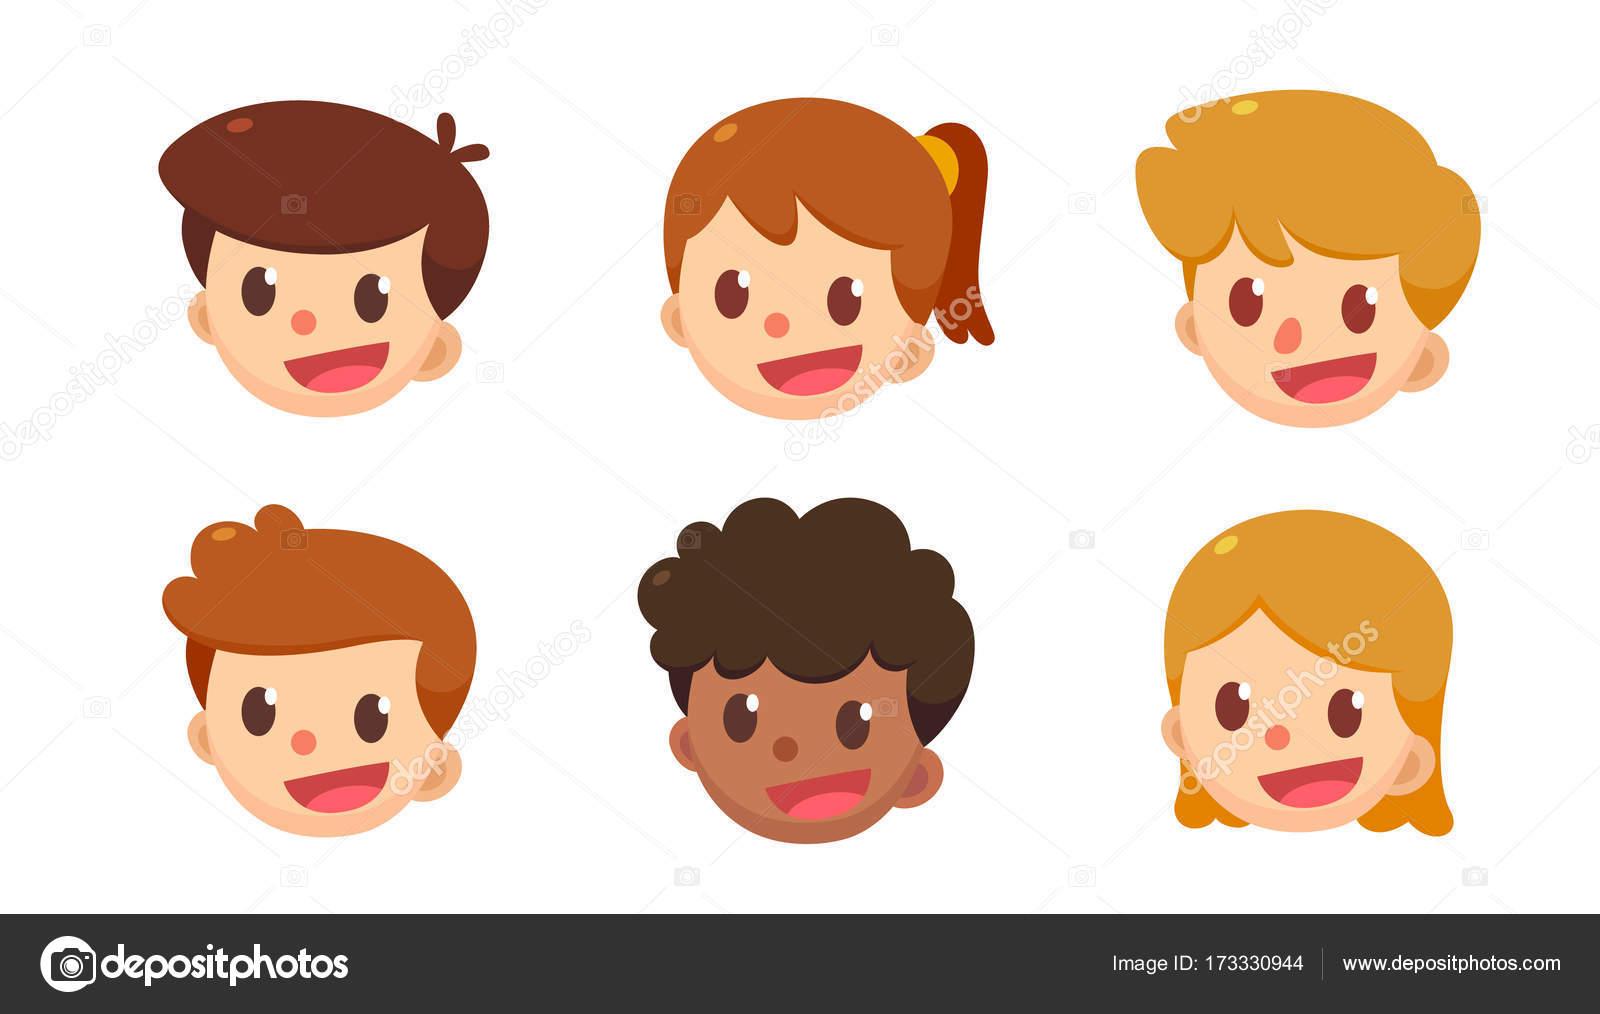 卡通头像集 不同风格的可爱男孩和女孩